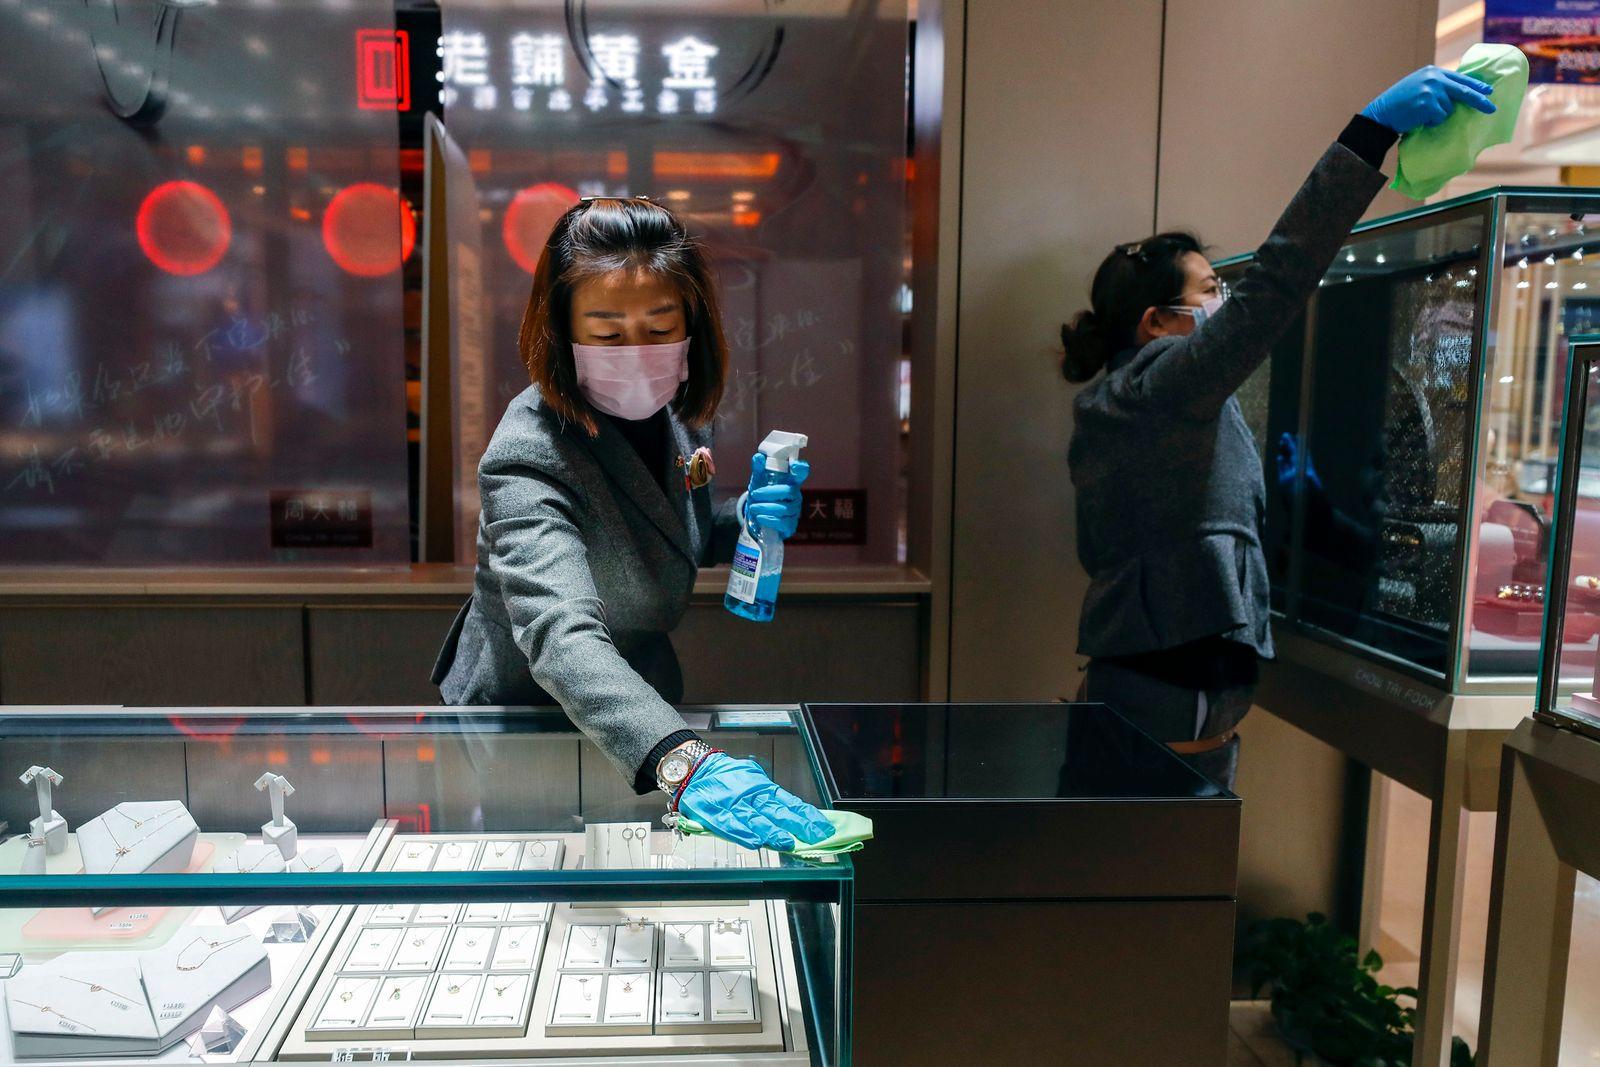 Coronavirus / China / Wuhan / Juewlier